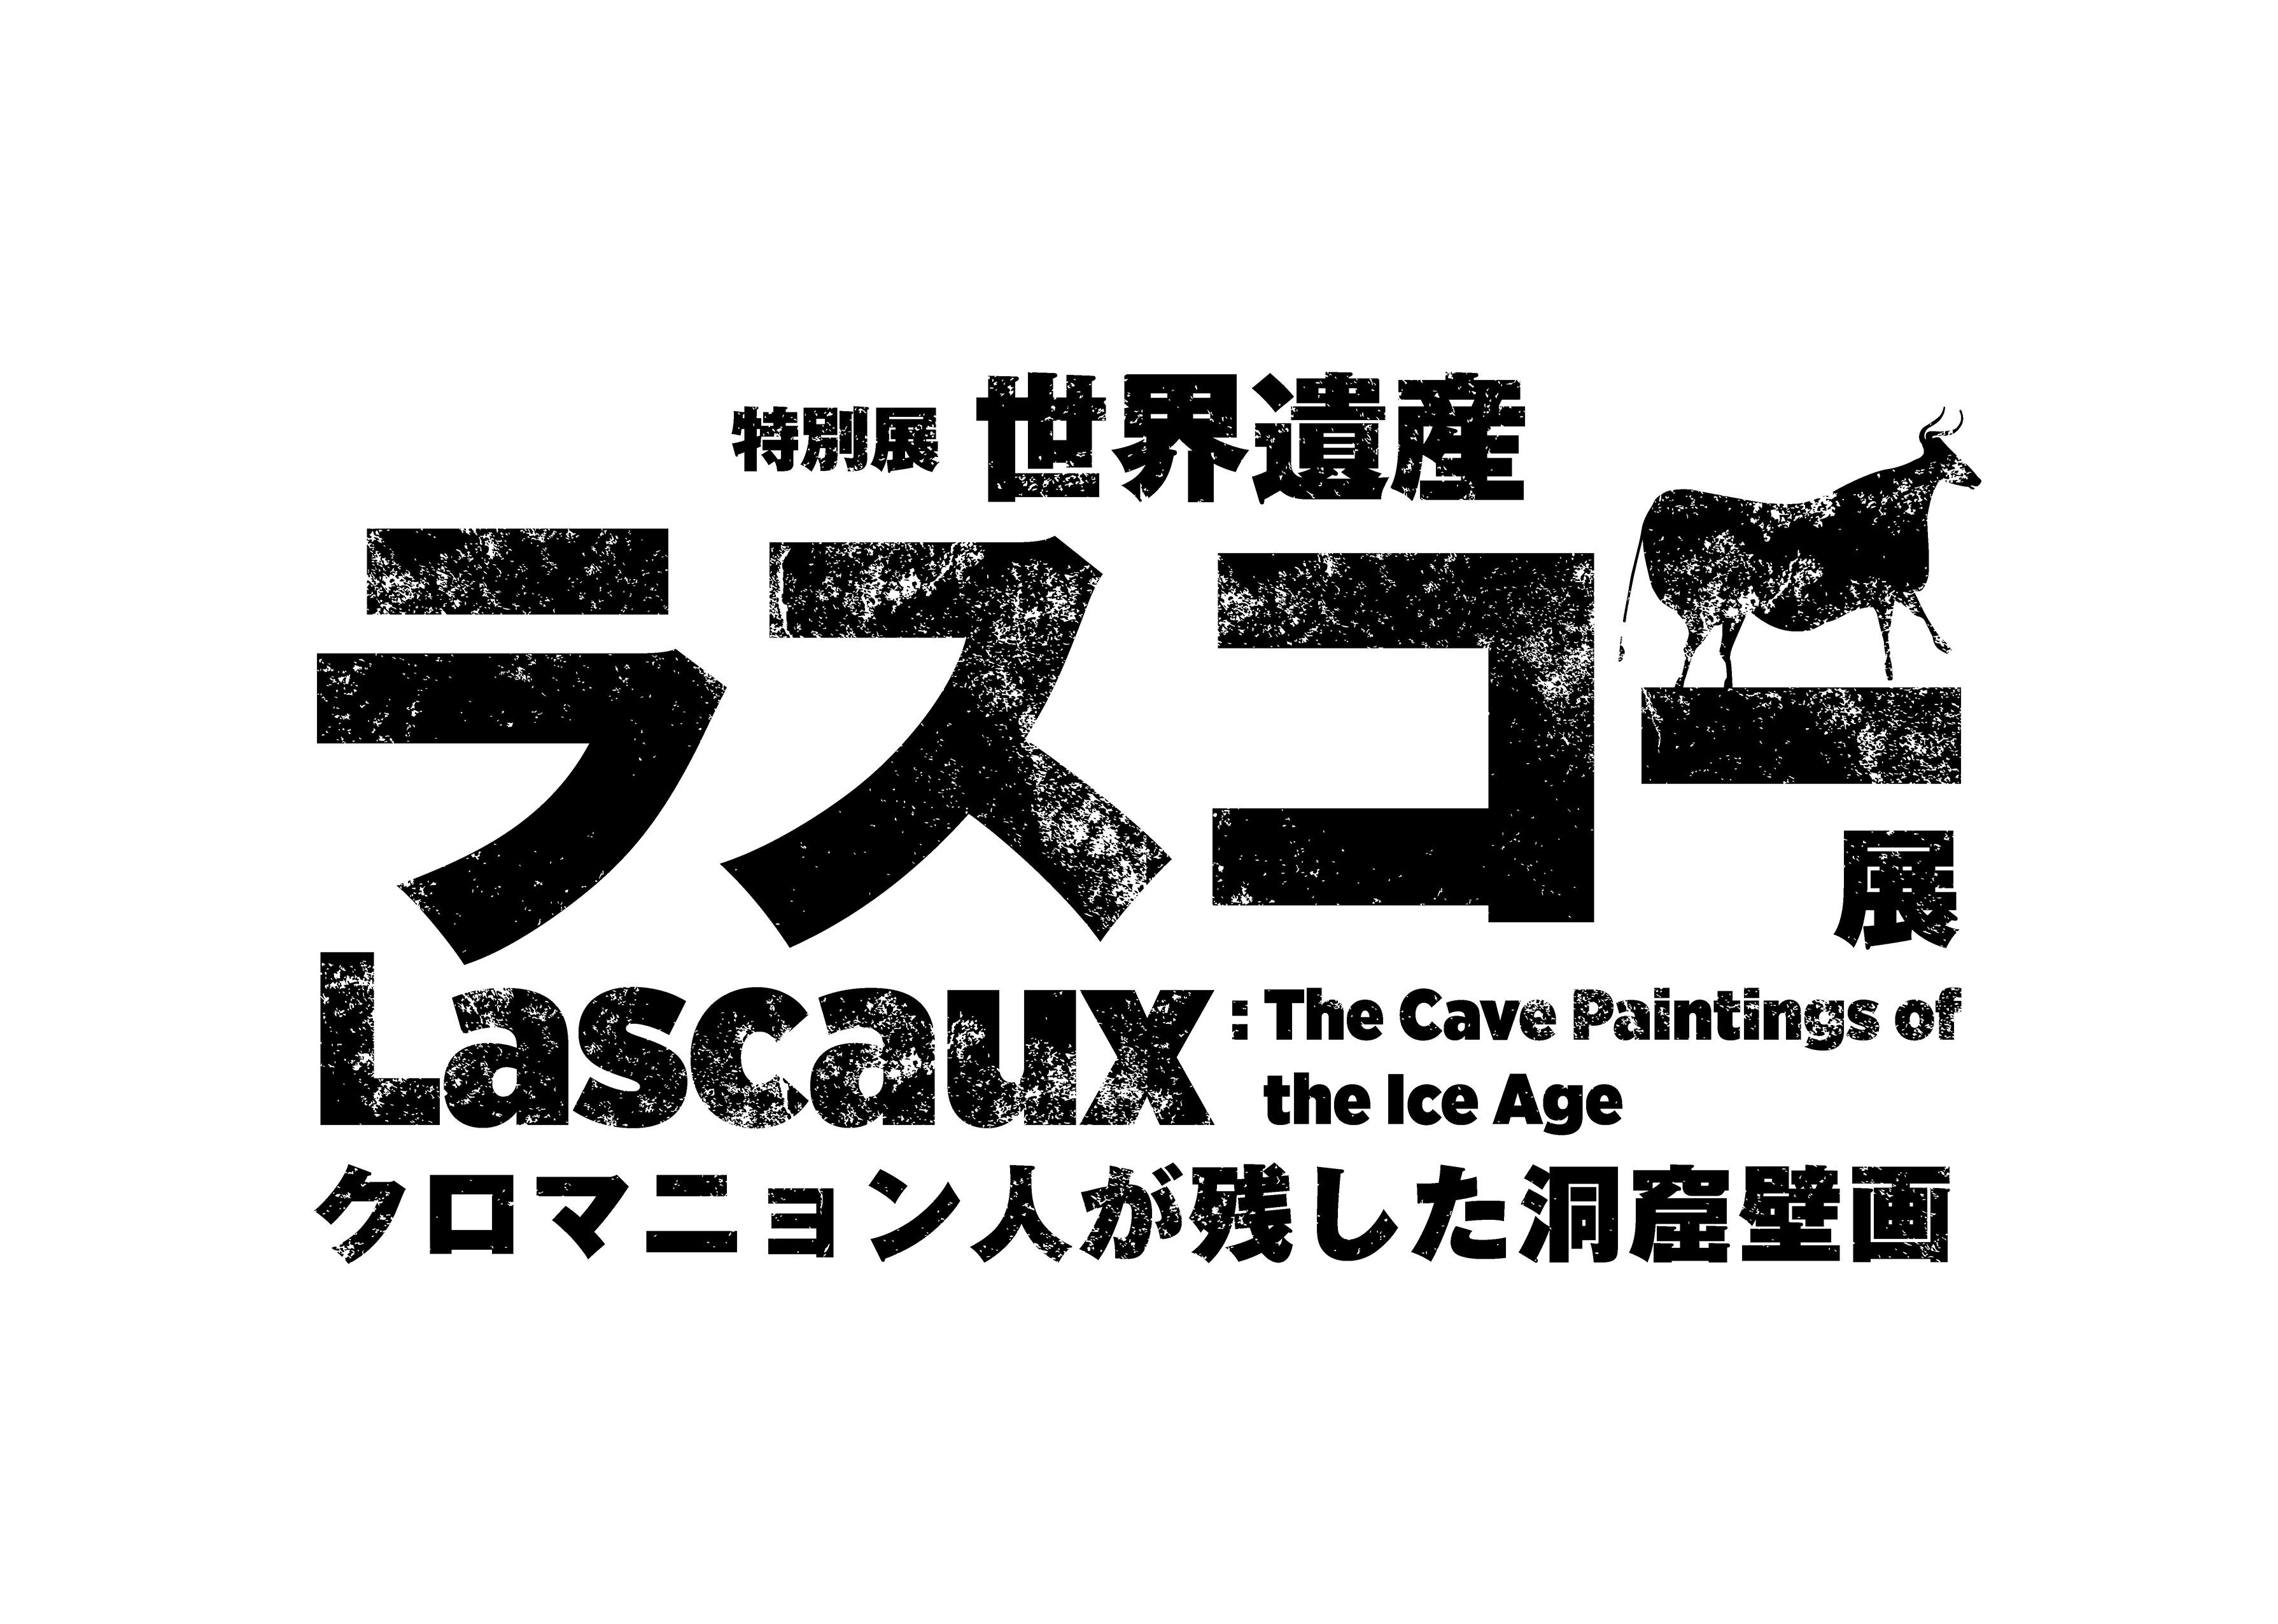 特別展『世界遺産 ラスコー展 ~クロマニョン人が残した洞窟壁画~』